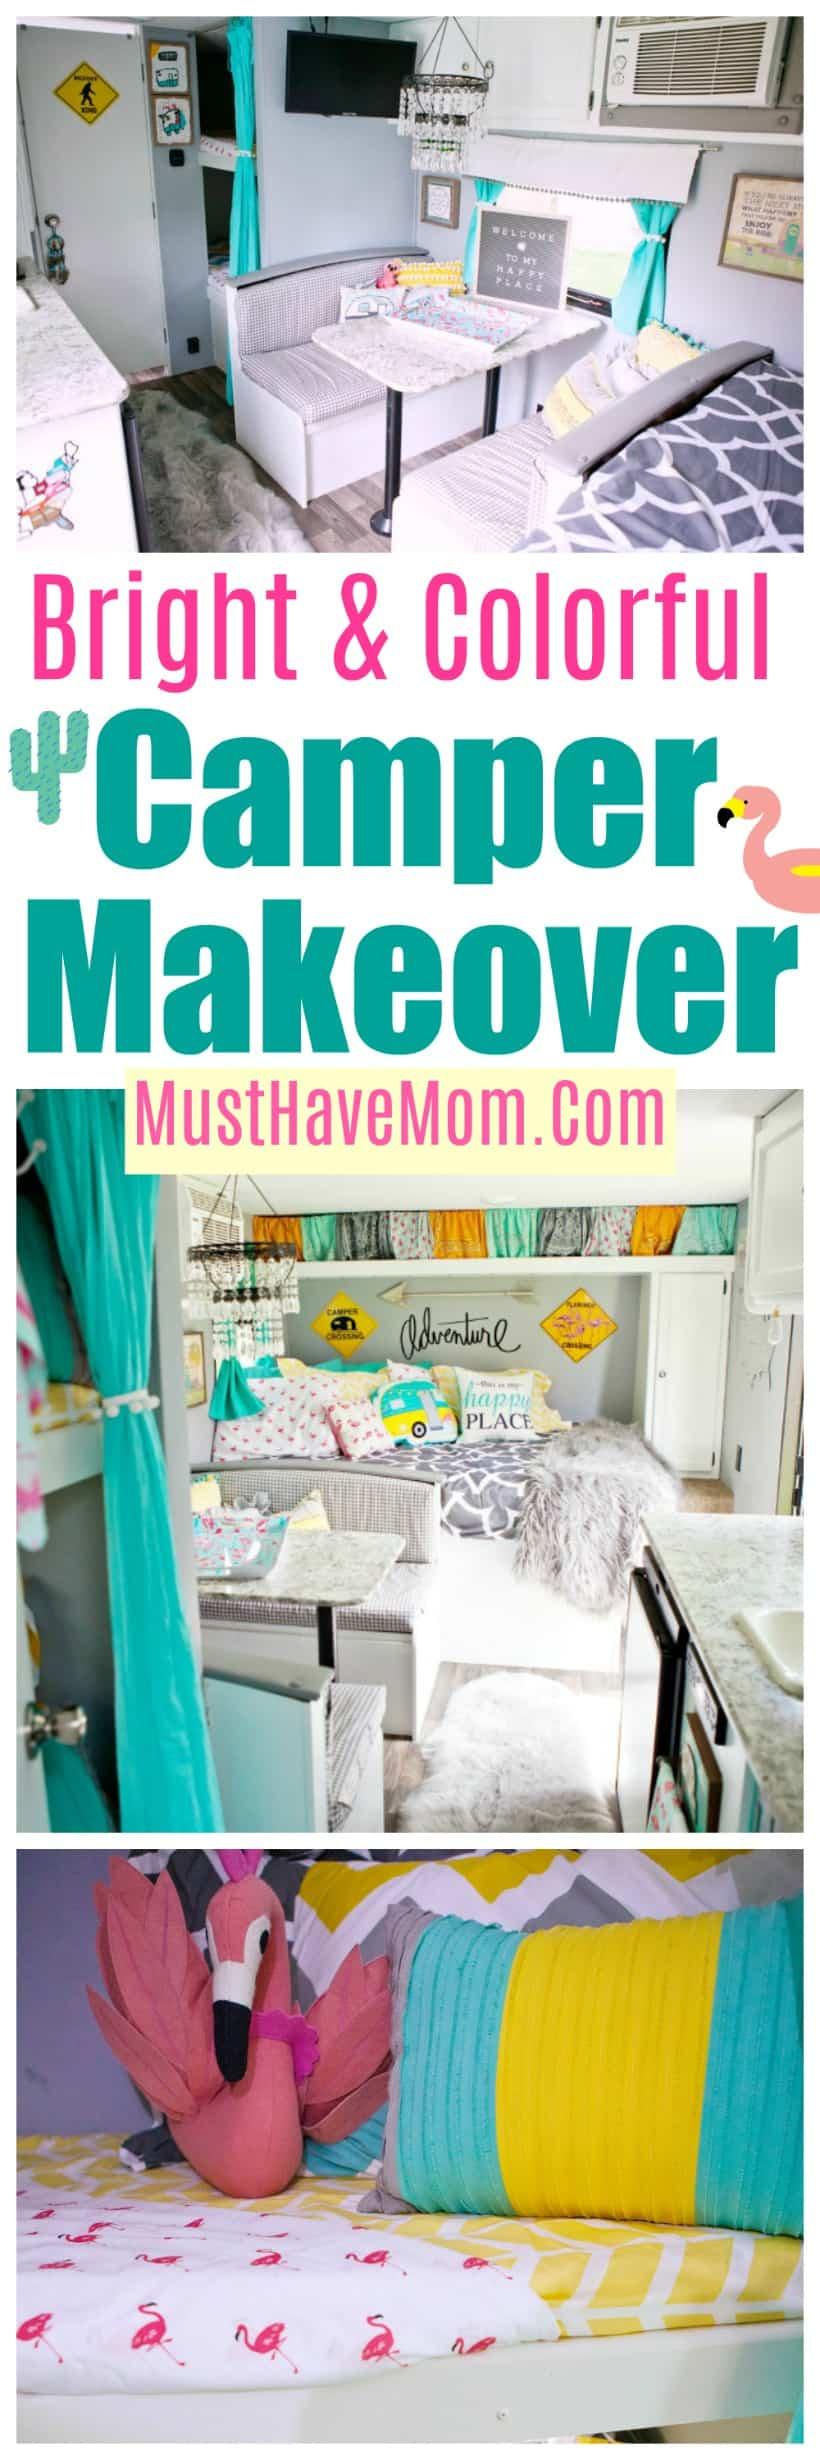 Colorful camper makeover